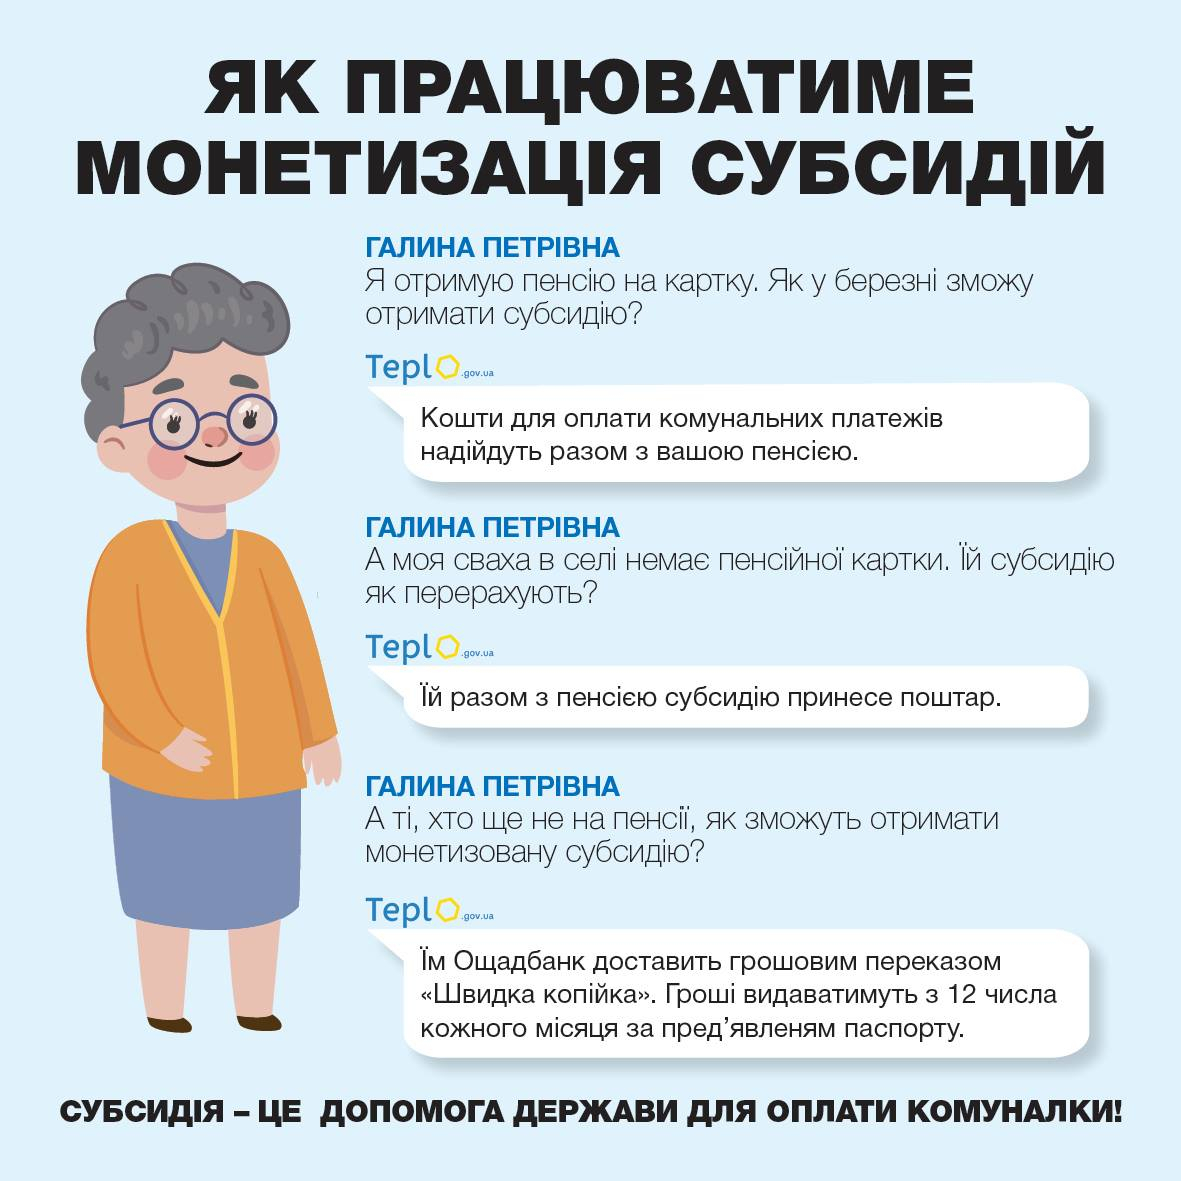 Пенсионерам монетизированная субсидия придет на пенсионную карточку или ее принесет почтальон